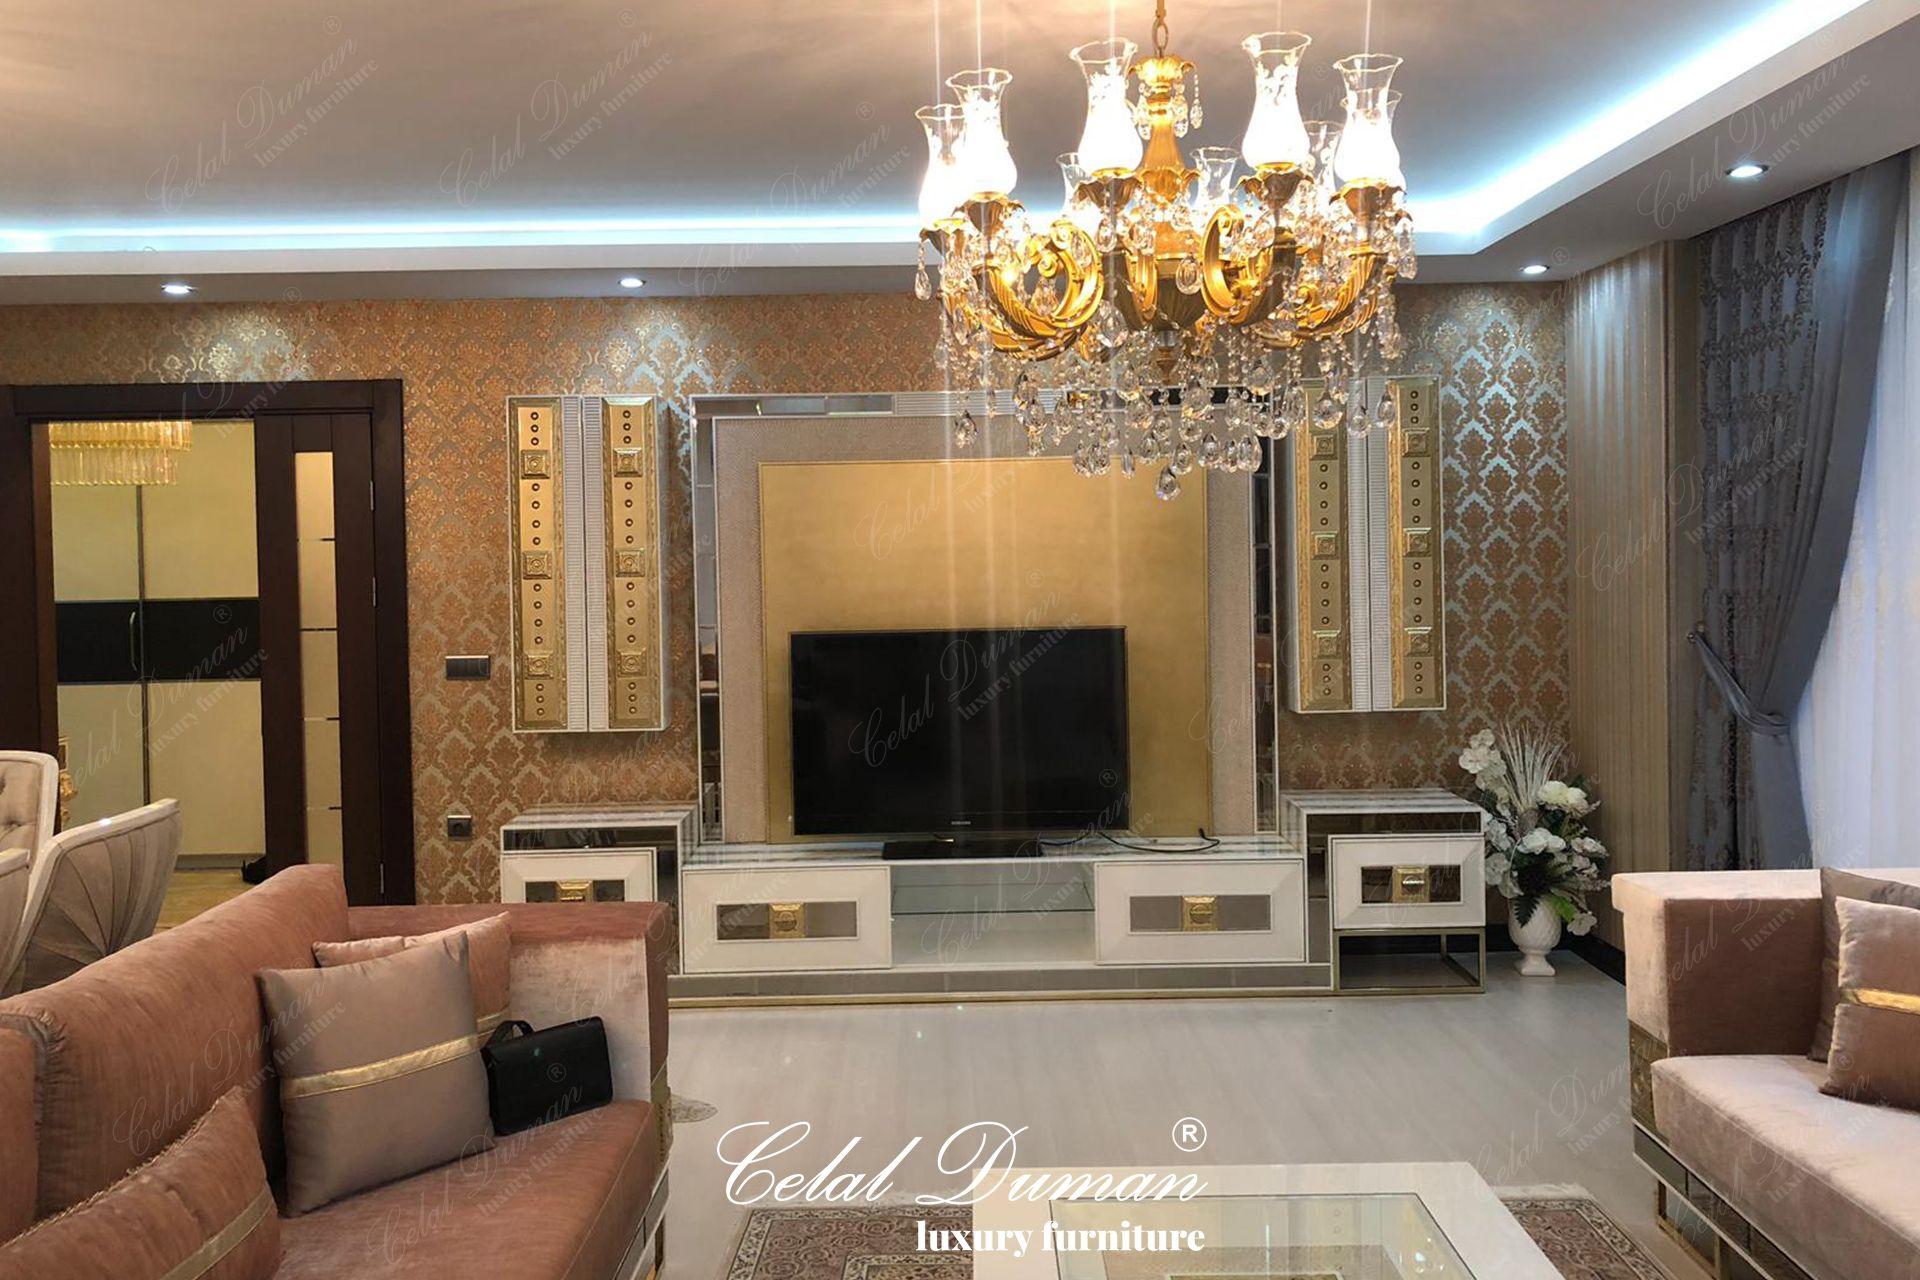 Celal Duman Mobilya ile ferah ve nezih bir ev yaşam alanı dizayn ediyoruz. #celalduman #celaldumanmobilya #mobilya #masko #koltuktakımı #yemekodası #maskomobilyakenti #evdekorasyon #dekorasyonfikirleri #mobilyadekorasyon #luxuryfurniture #modernfurniture #furniture #decor #ofisdekorasyon #evdekor #projects #köşekoltuk #tvunited #design #yemekodası #yatakodası #interiordesign